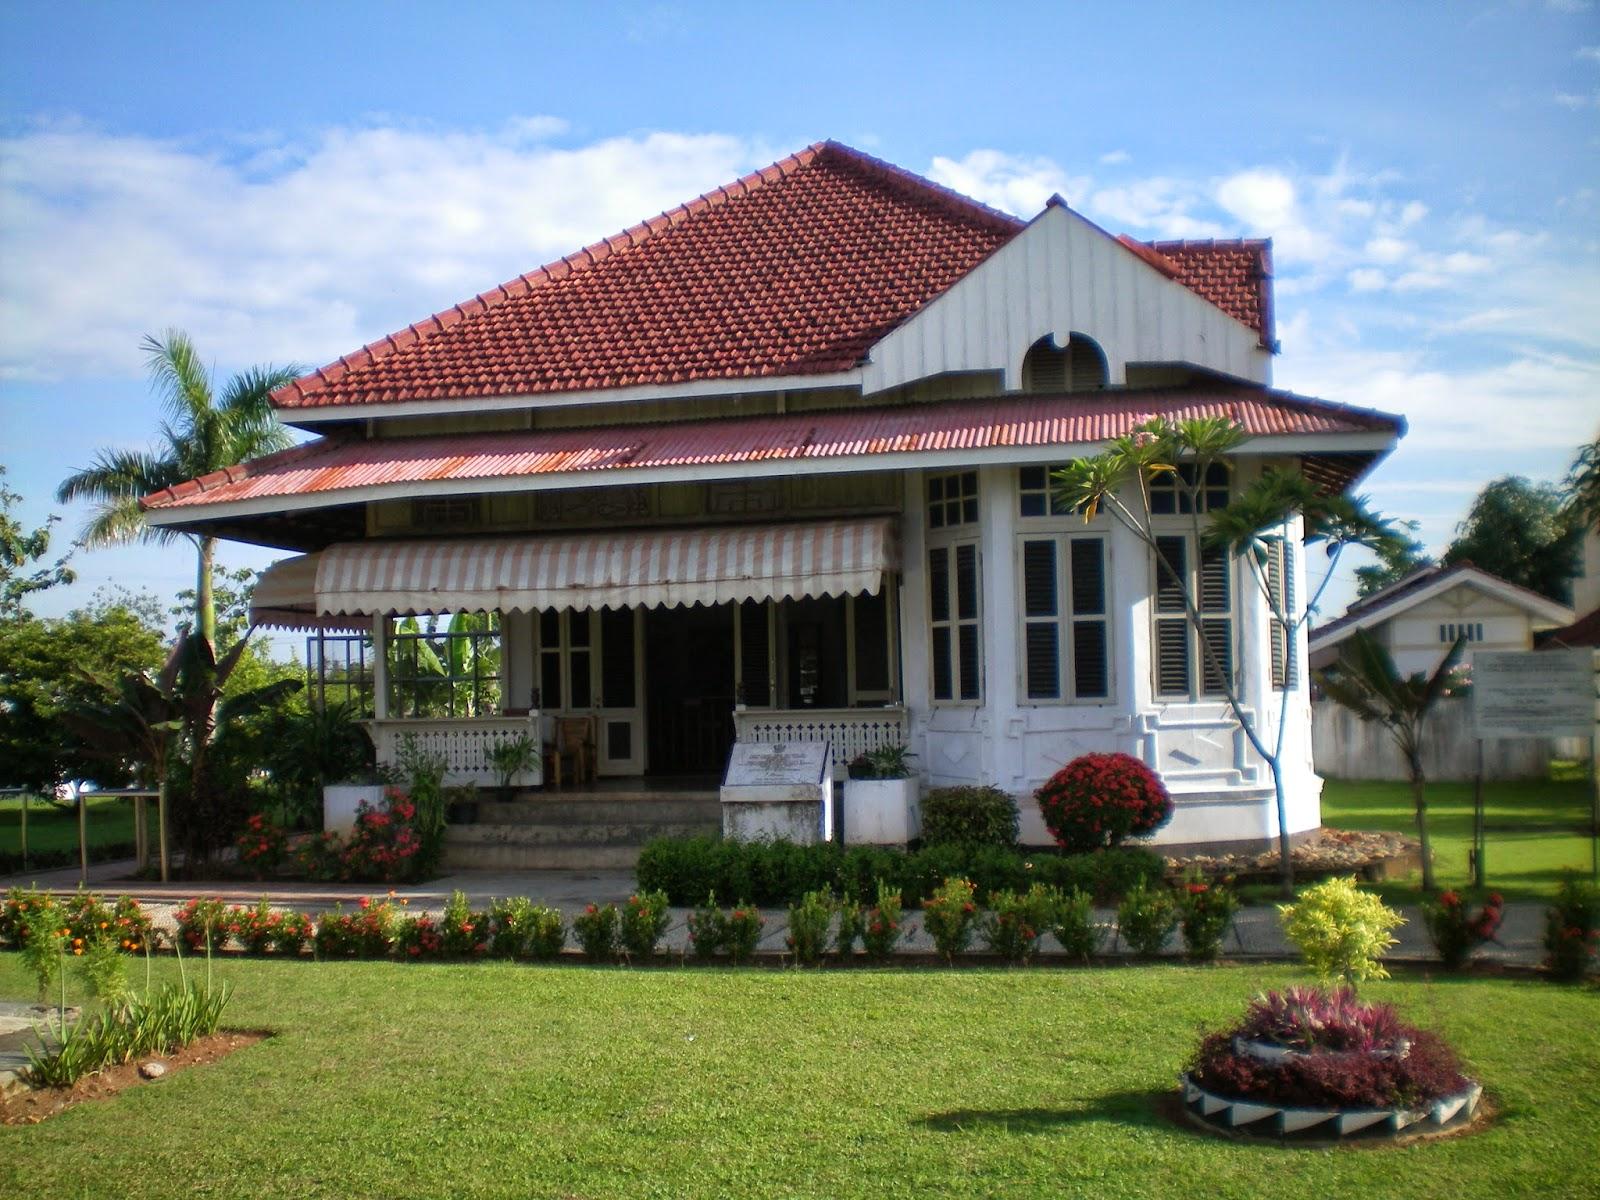 Rumah dan Lingkungan Sekitar Abad Ke-20